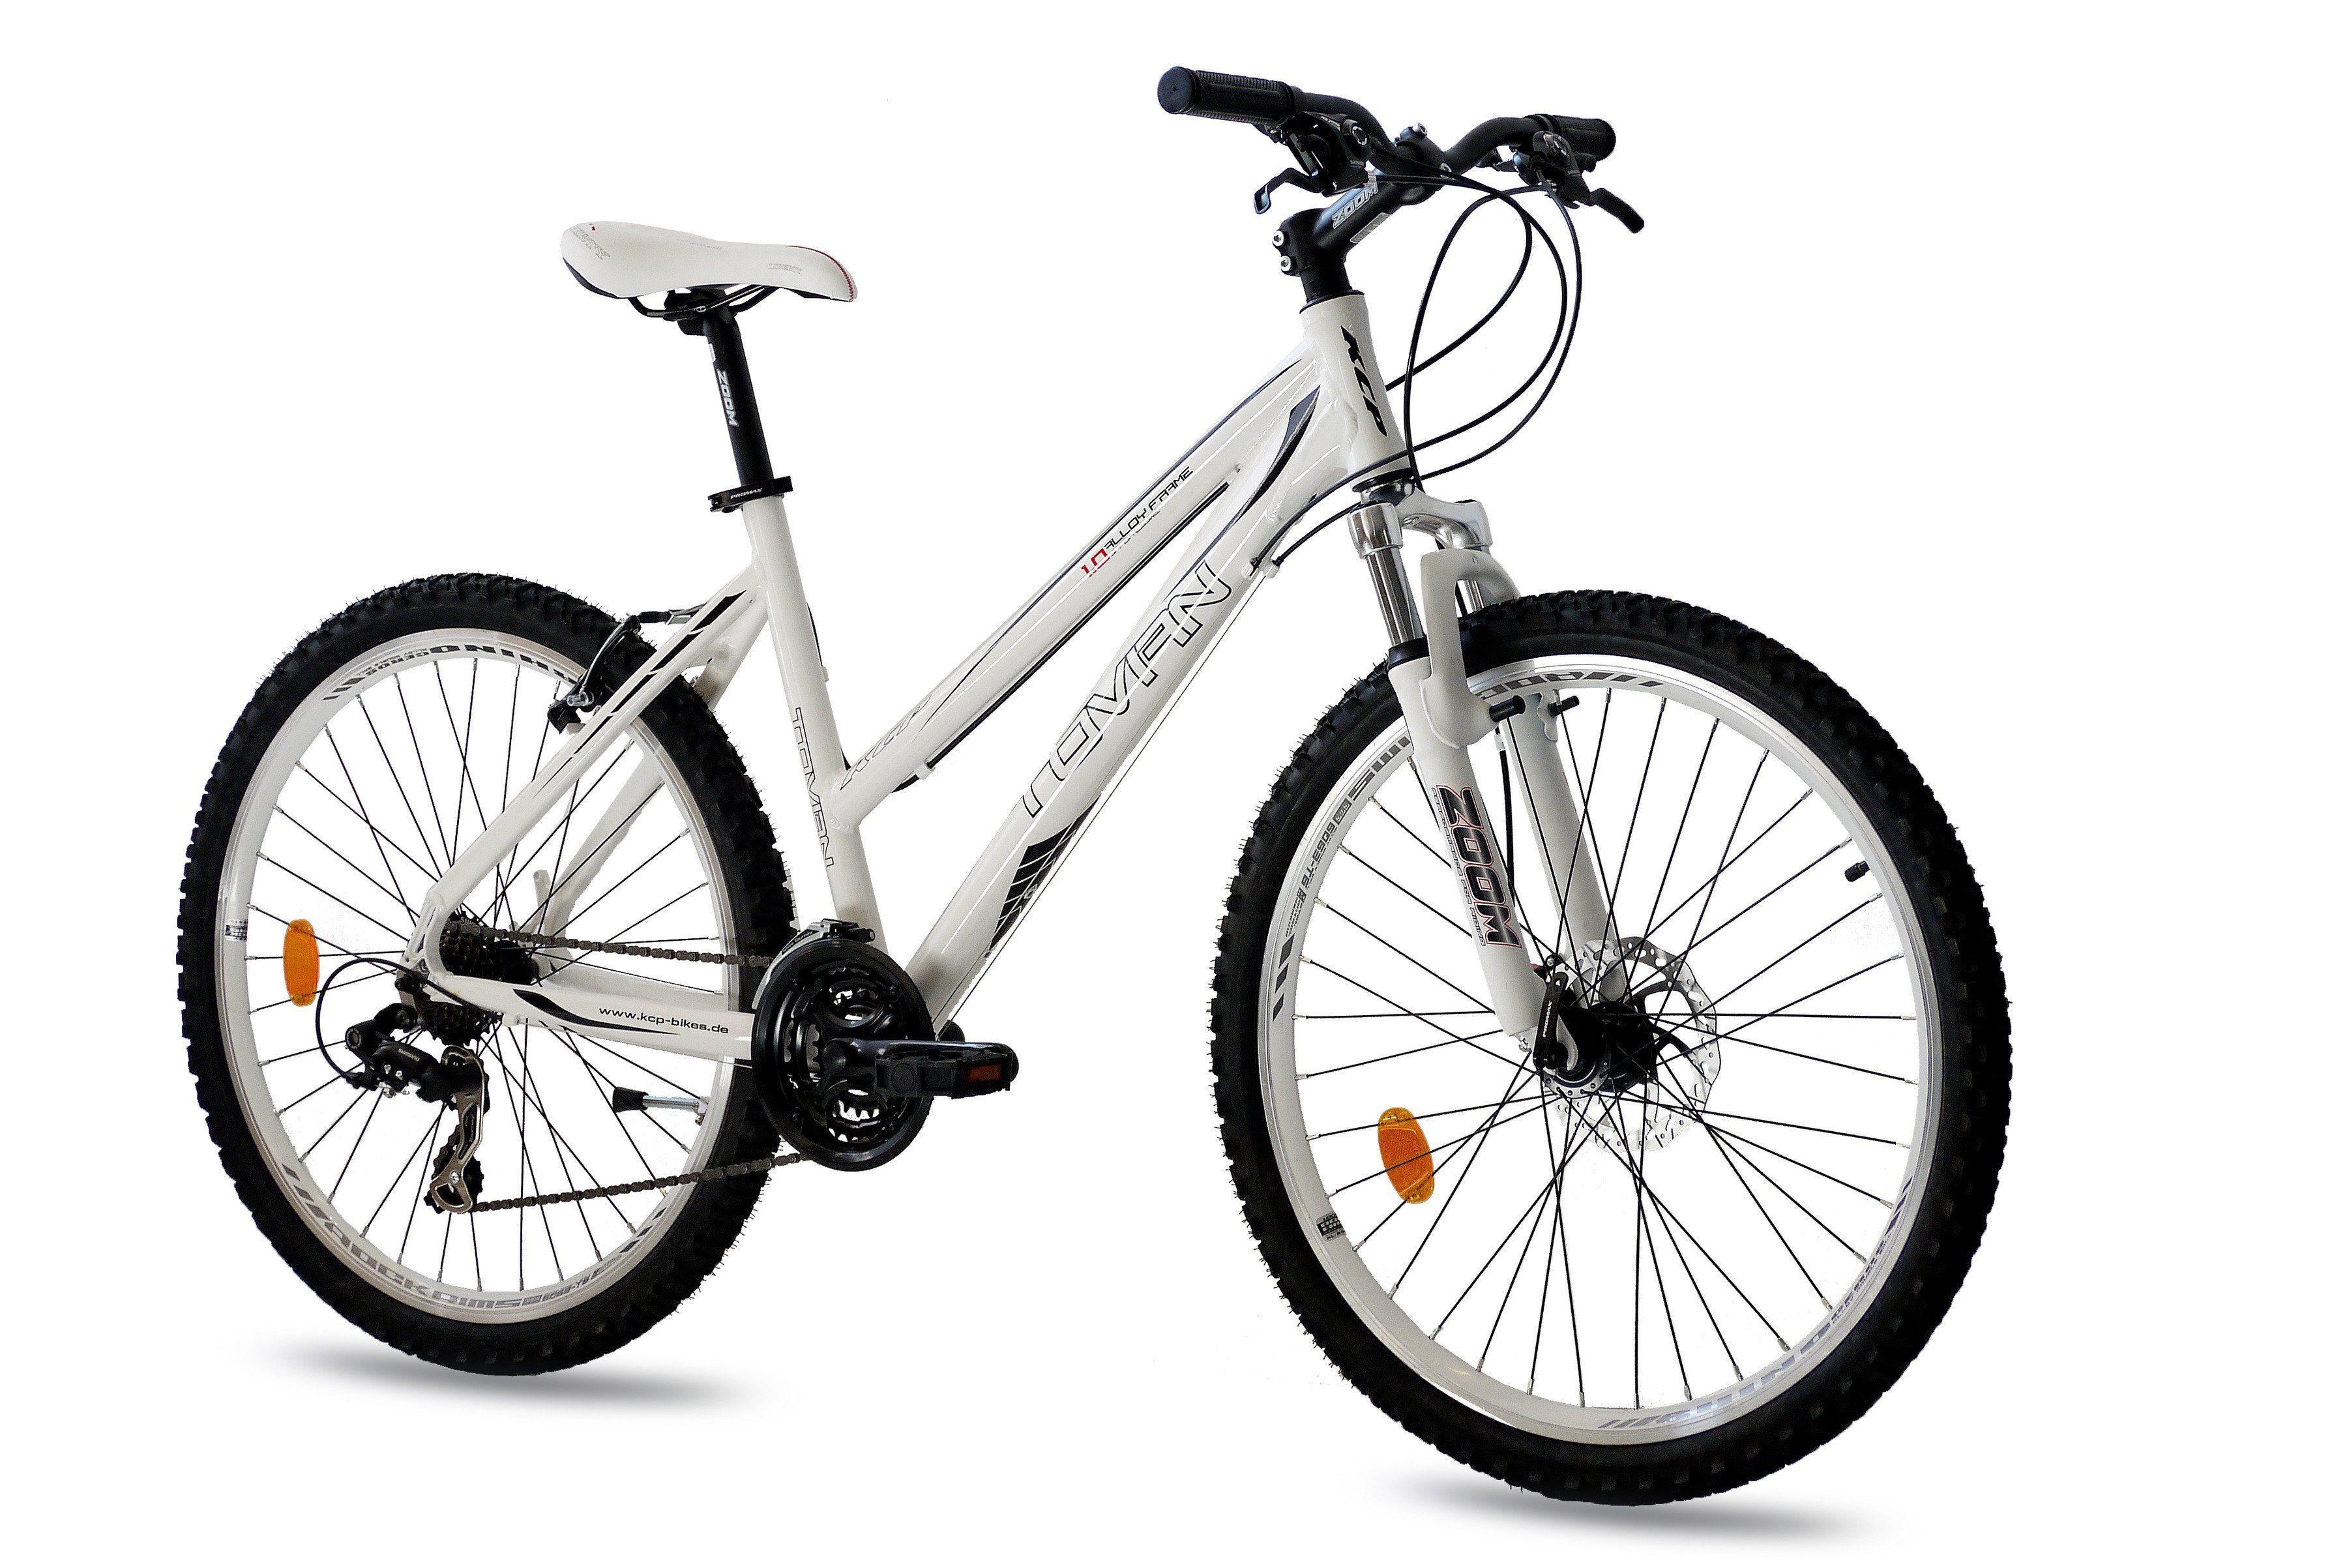 KCP Mountainbike (Damen) »Tovian, 66,04 cm (26 Zoll)«